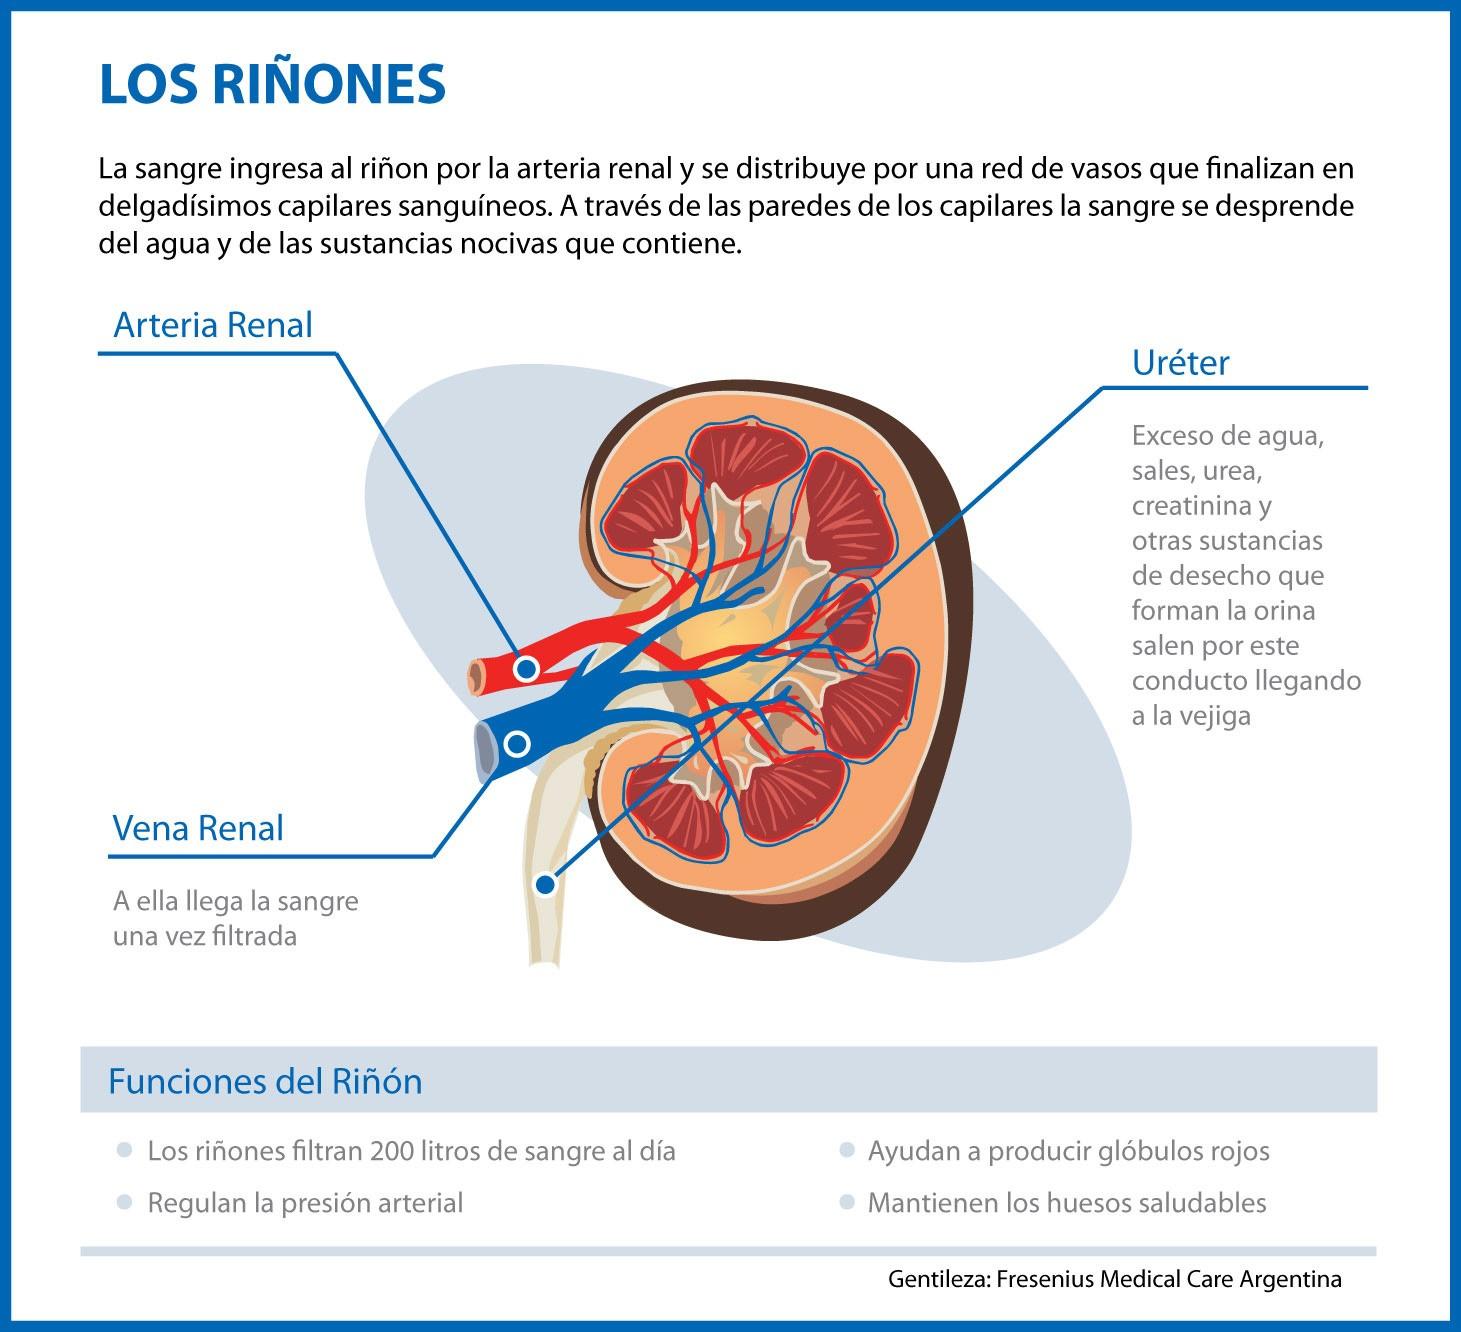 Vivir con insuficiencia renal: Los riñones